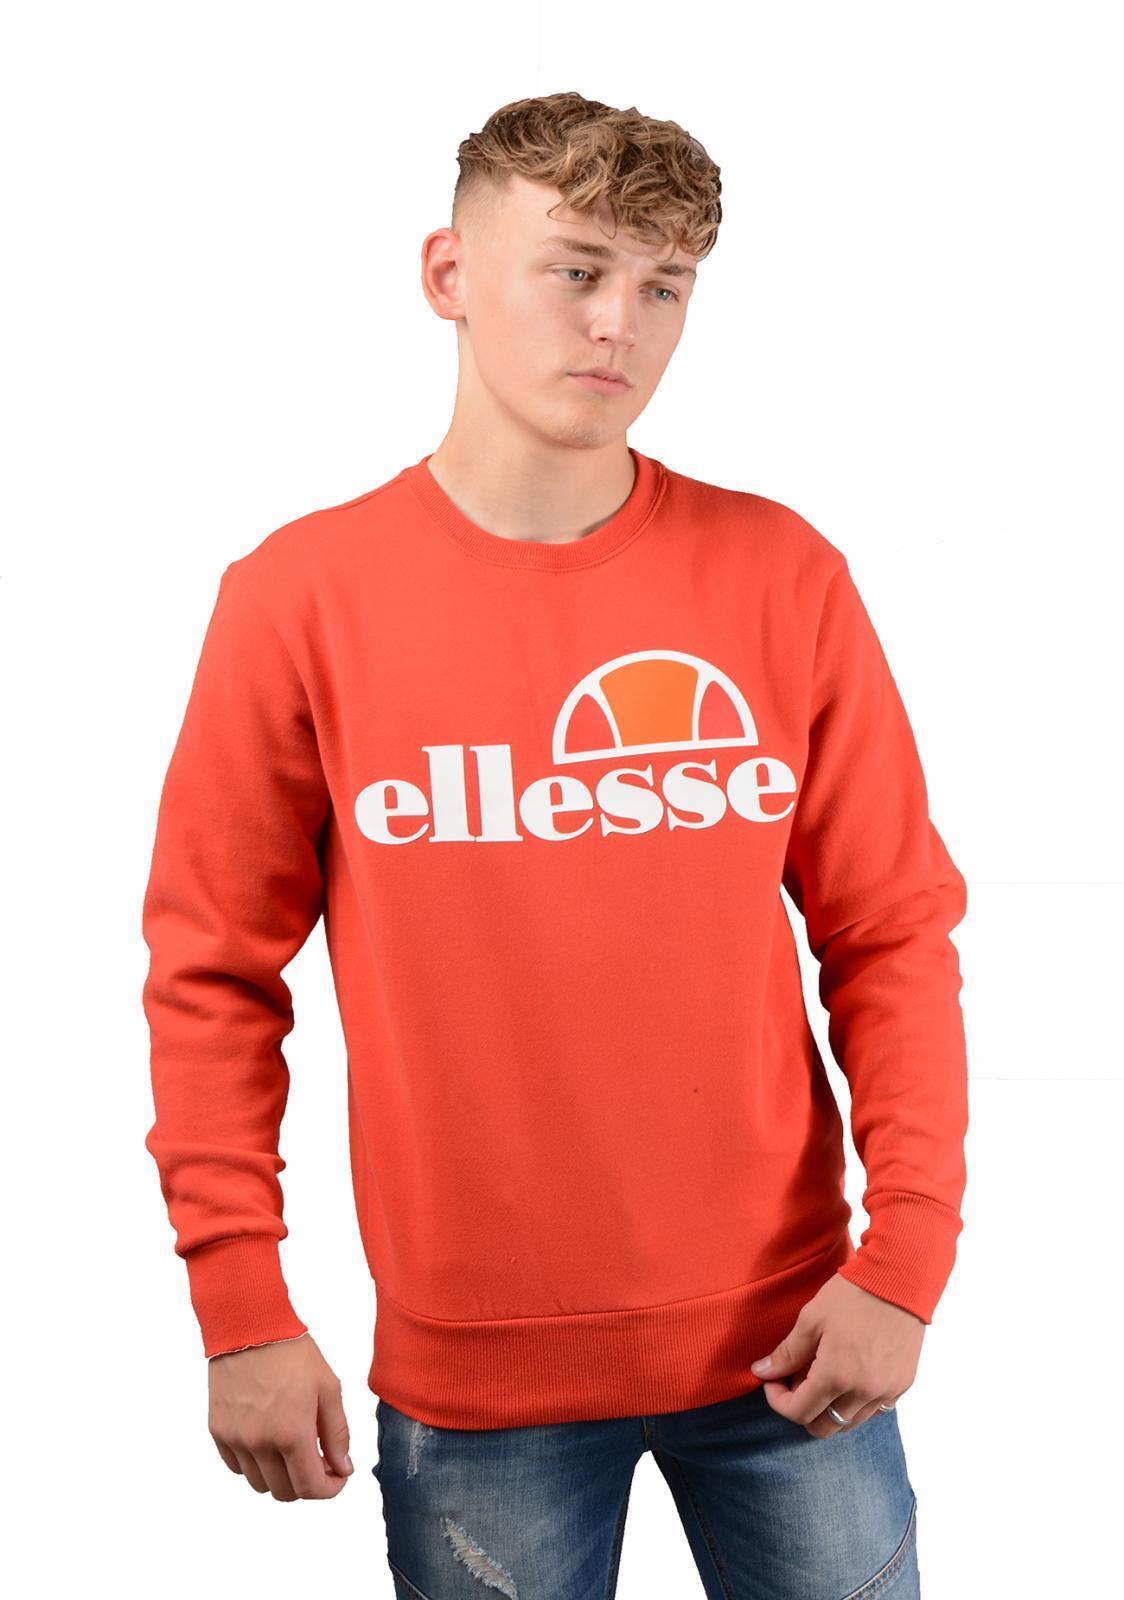 Ellesse Succisso Mens Sweatshirt in Red